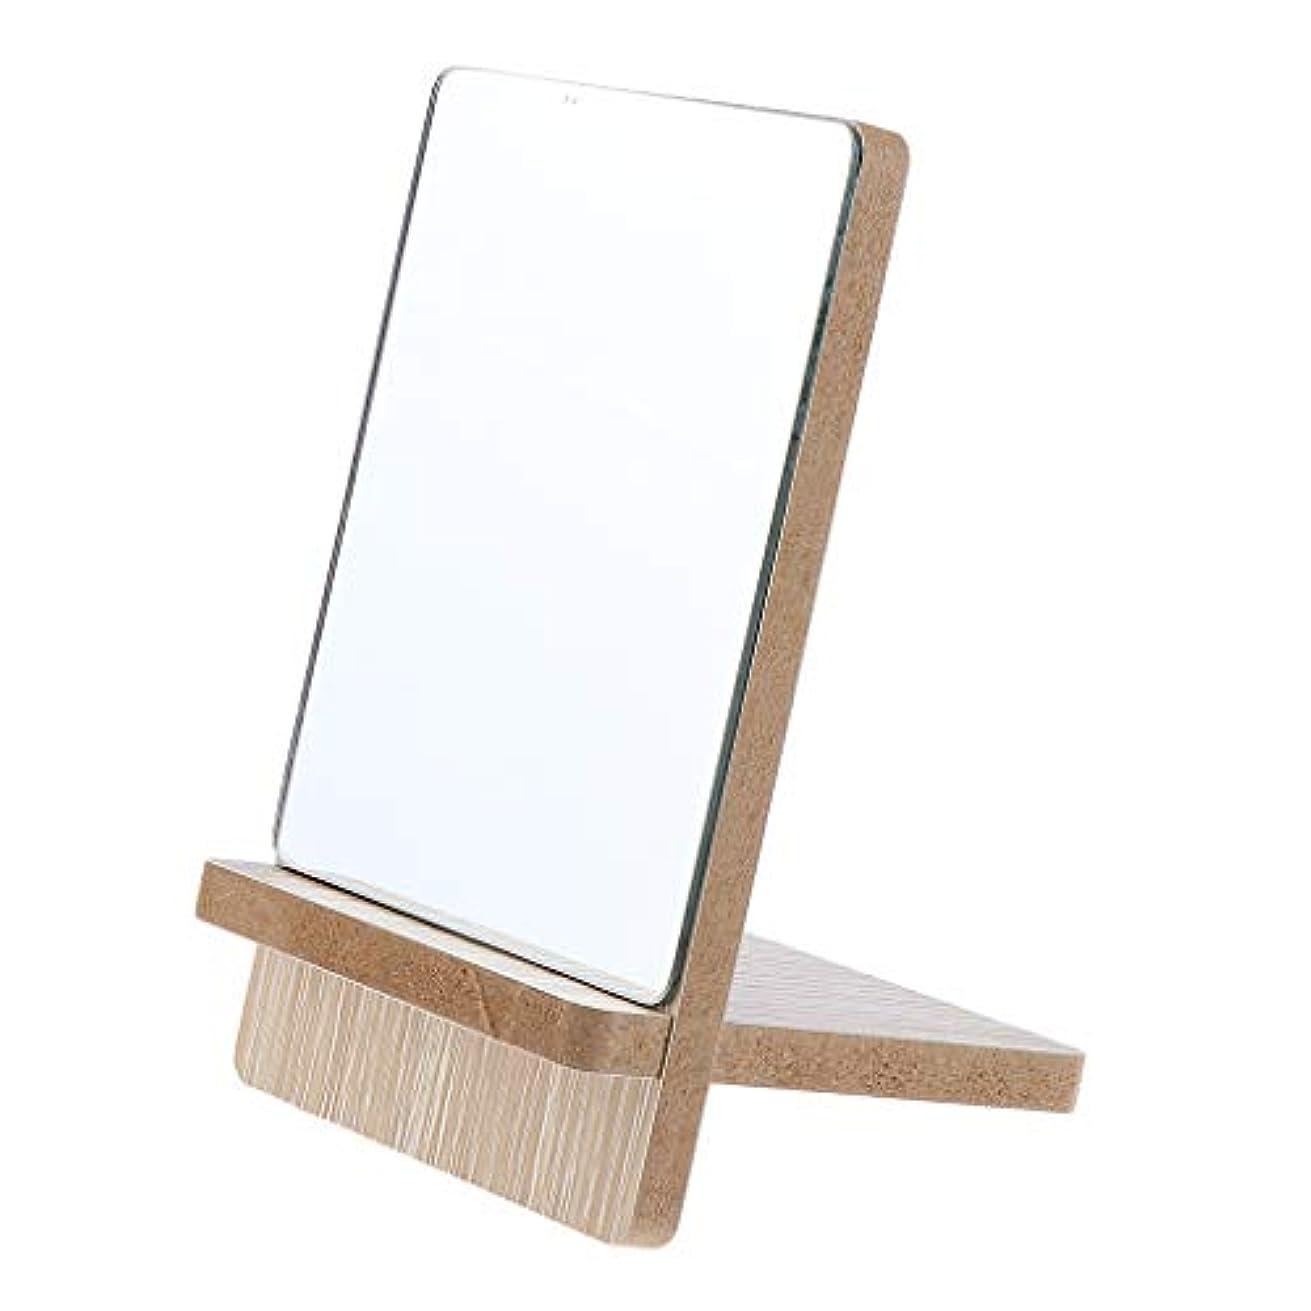 管理する叫ぶブラケット化粧鏡 スタンド 卓上 メイクアップミラー 立てミラー バニティミラー 折りたたみ 3サイズ選べ - 小